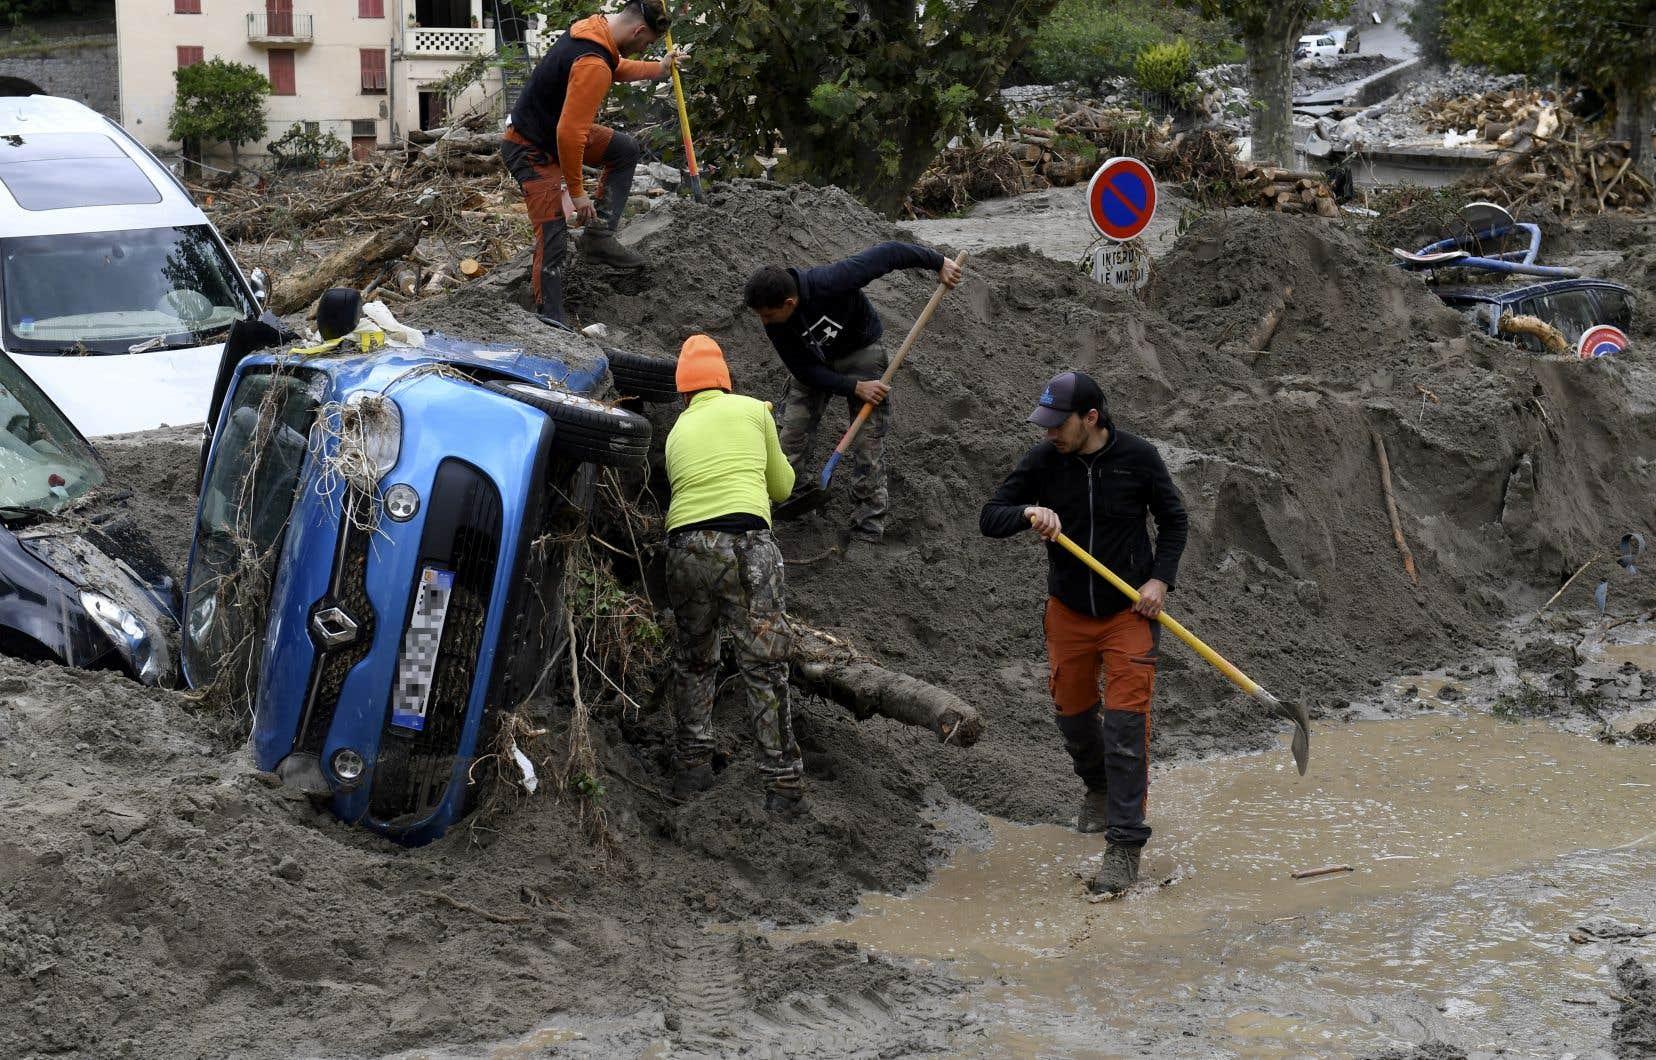 Des travailleurs extraient des véhicules de la boue à Breil-sur-Roya, au sud de la France.